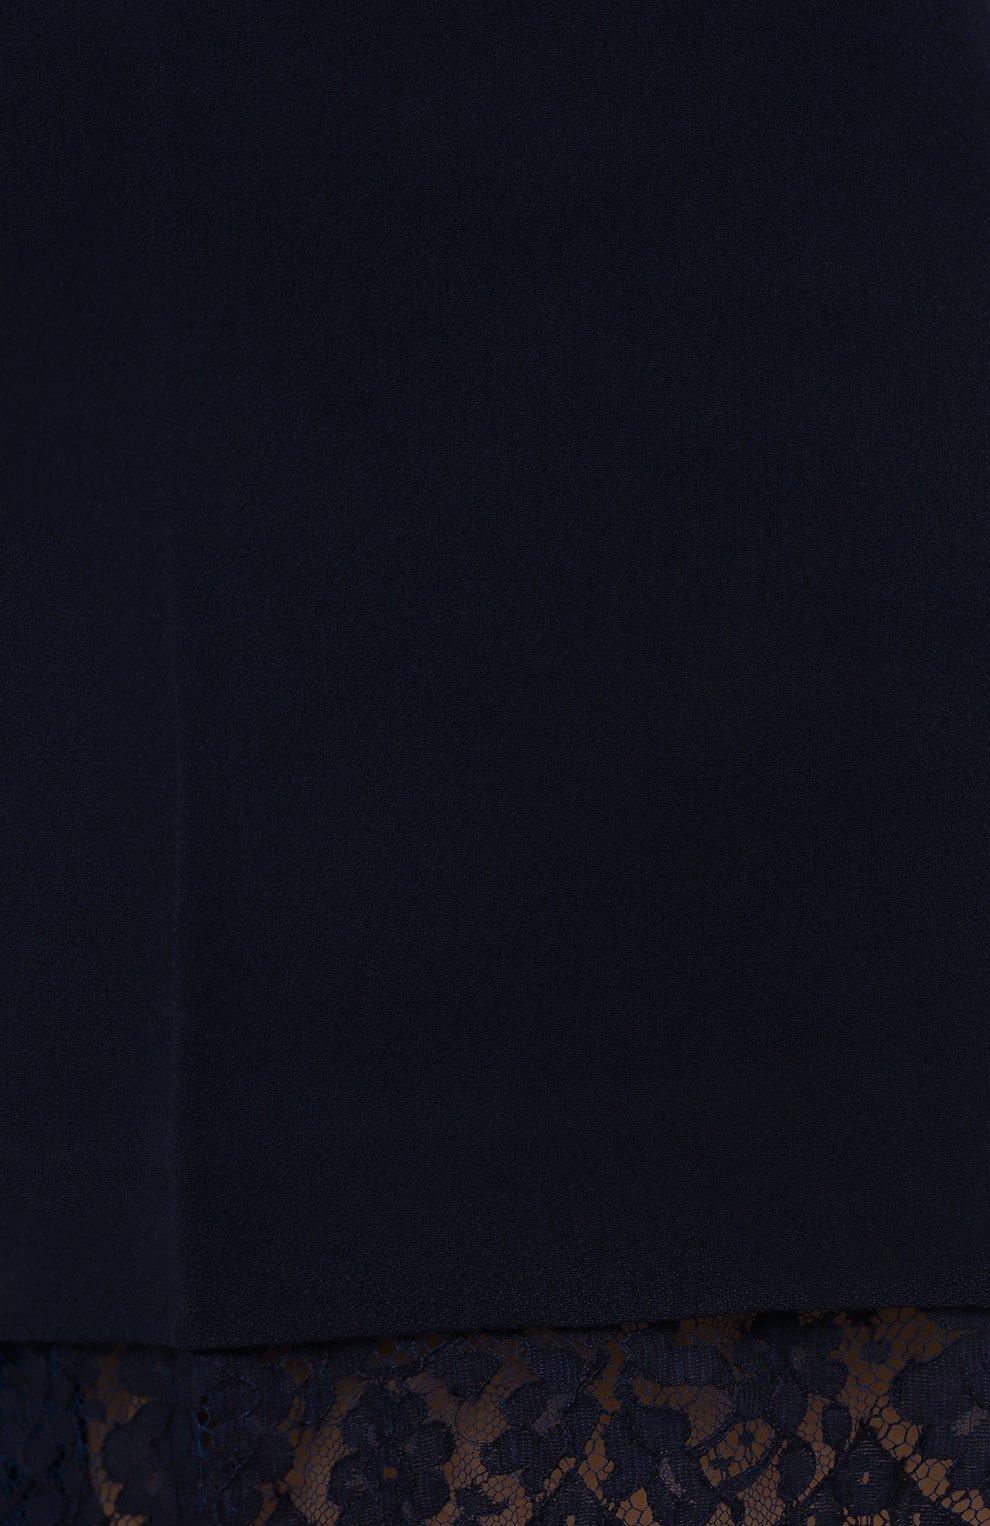 Женские шорты ERMANNO FIRENZE синего цвета, арт. D38ET PC06CRE | Фото 5 (Женское Кросс-КТ: Шорты-одежда; Длина Ж (юбки, платья, шорты): Мини; Материал внешний: Синтетический материал, Вискоза; Стили: Романтичный)